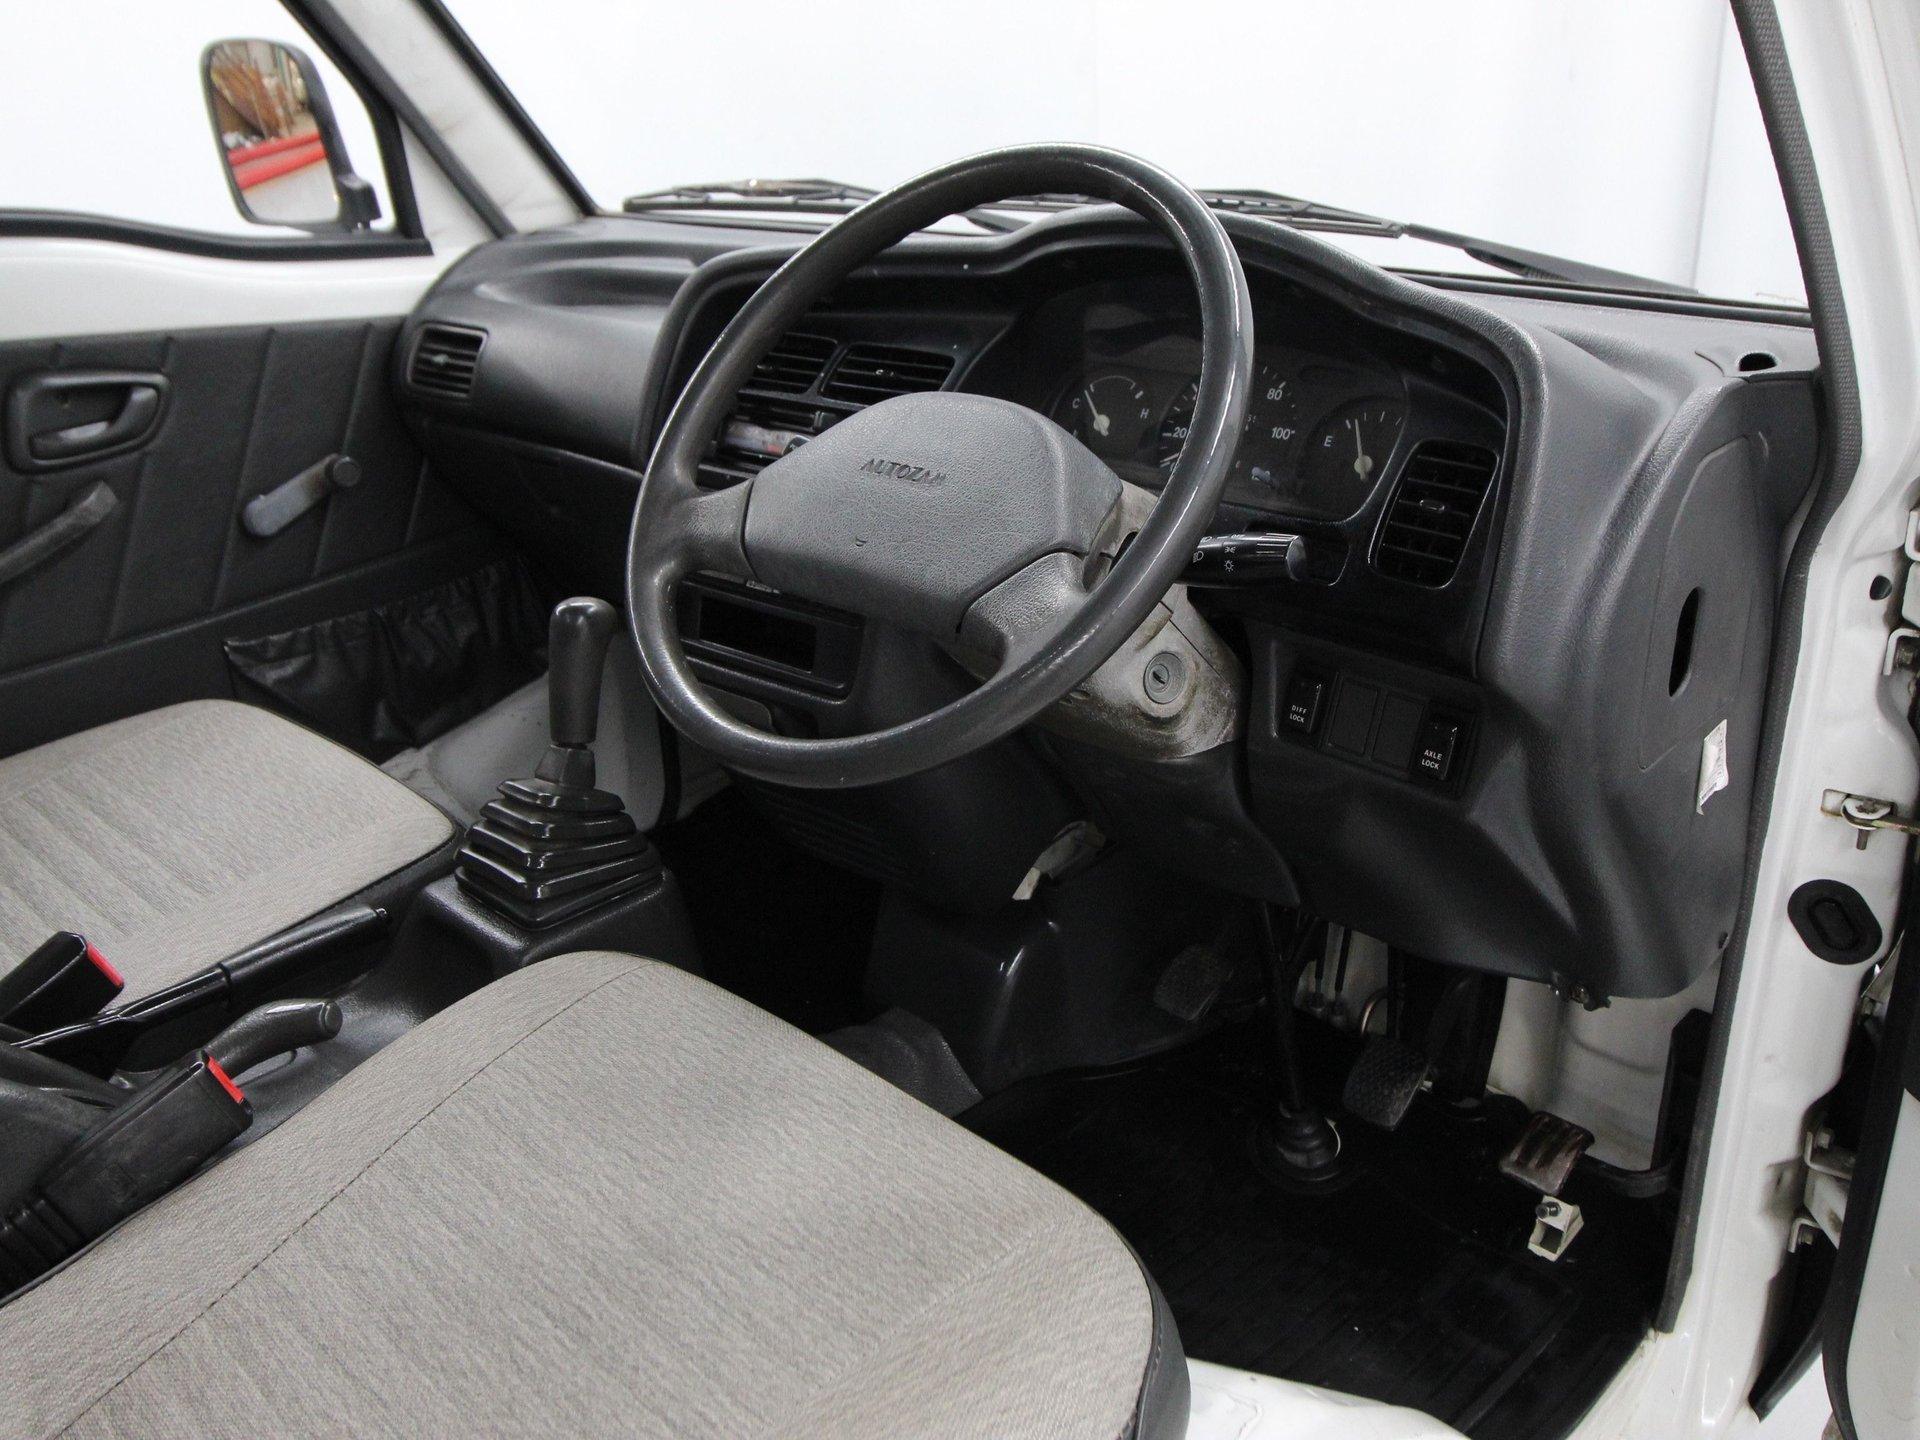 1993 Autozam Scrum